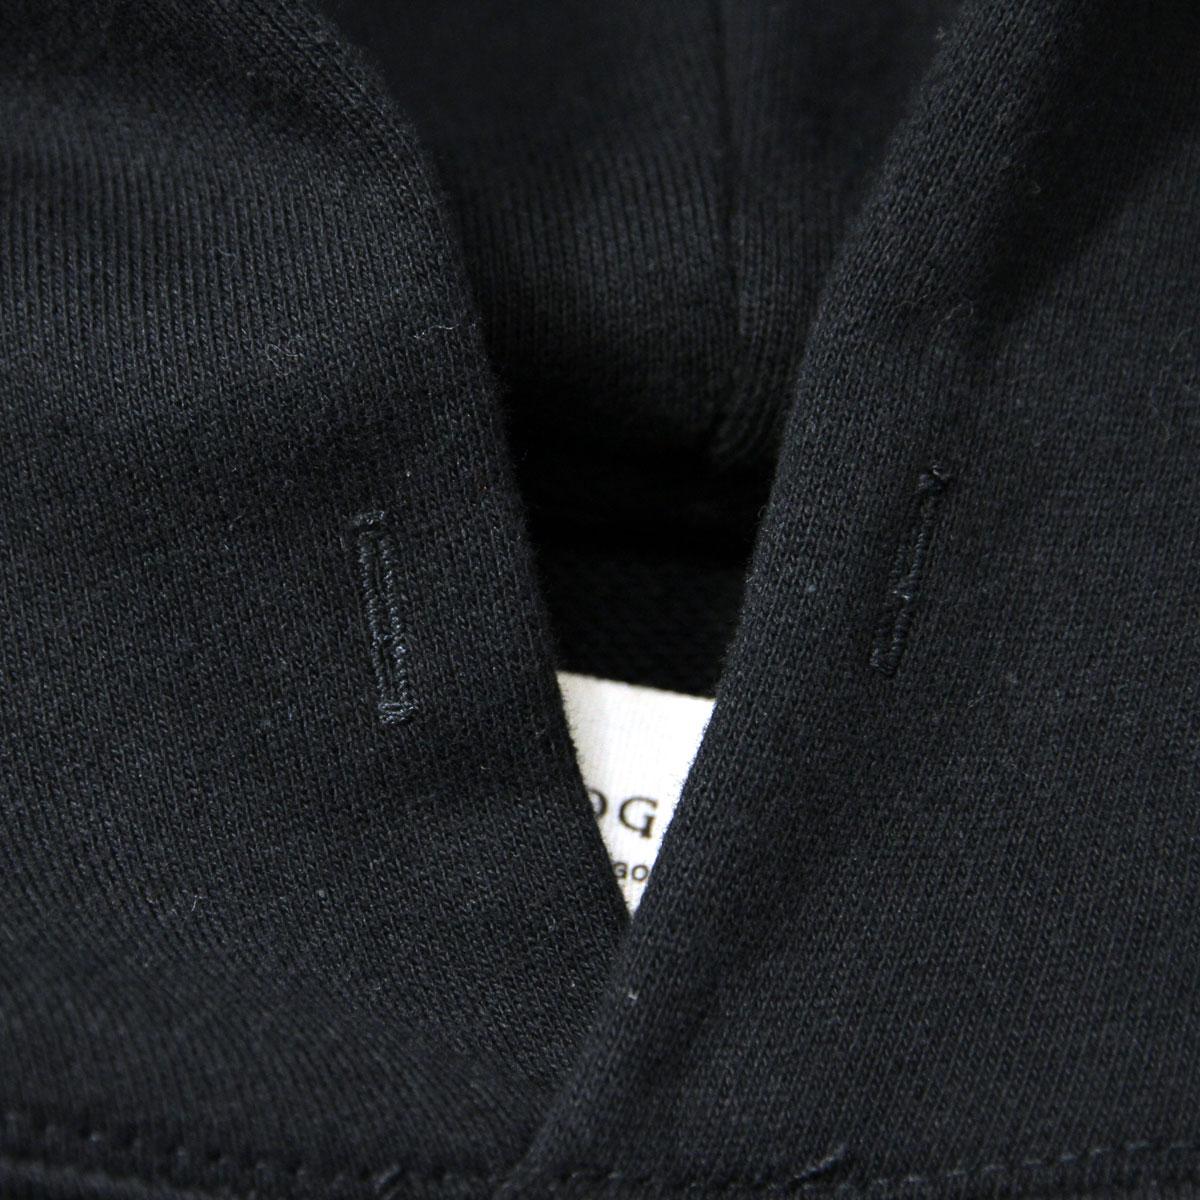 フィアオブゴッド パーカー メンズ 正規品 FEAR OF GOD プルオーバーパーカー  FOG - FEAR OF GOD ESSENTIALS PULLOVER HOODIE BLACK AA5B B1C C1D D5E E13F